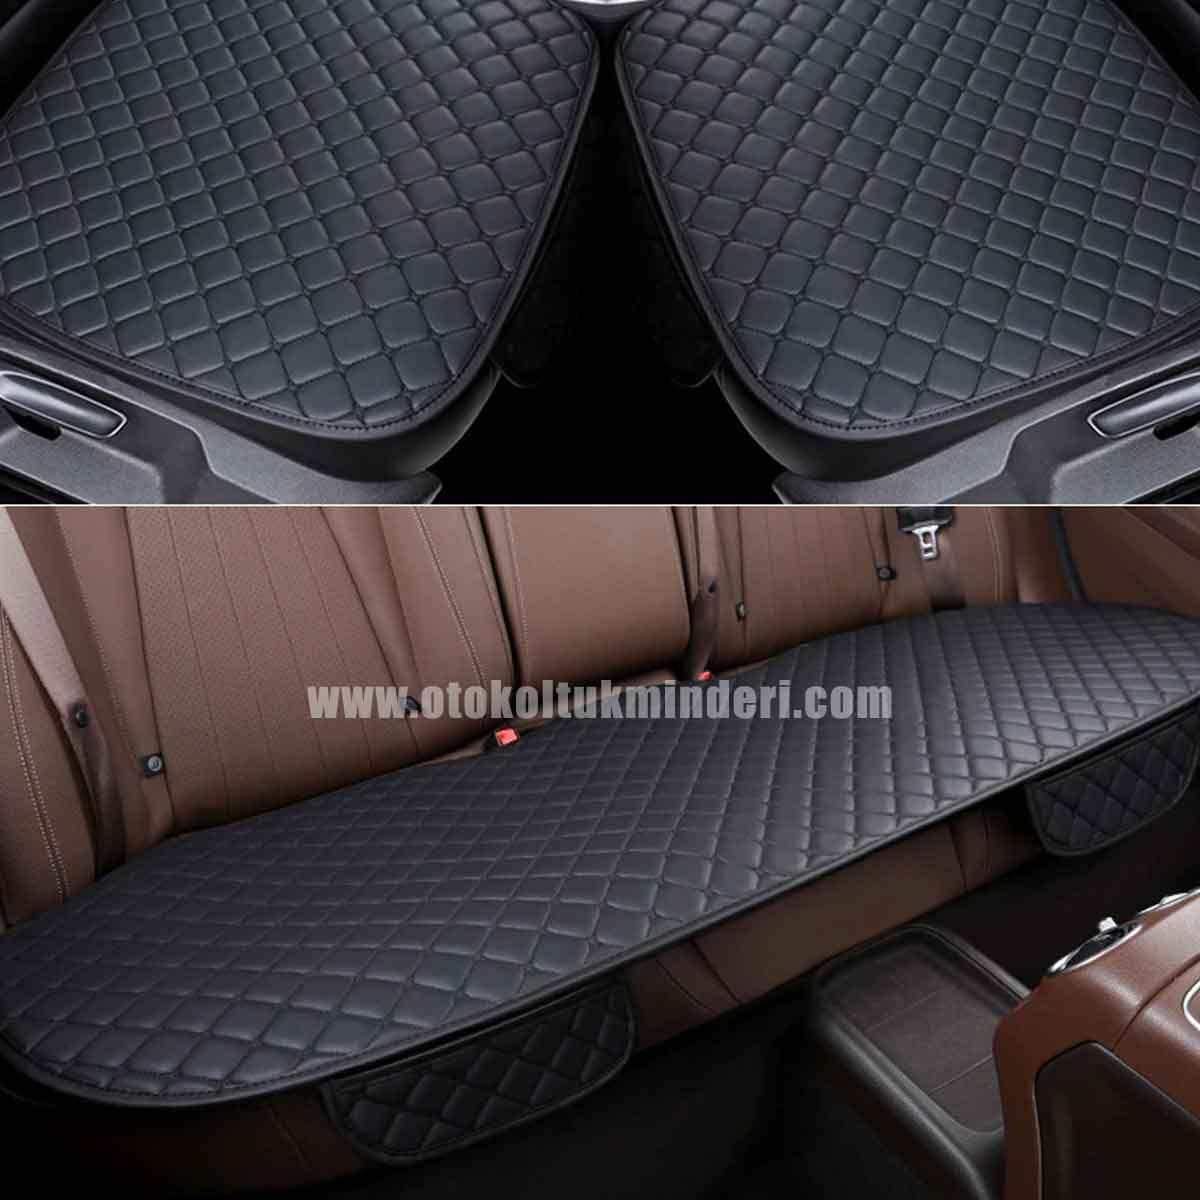 oto koltuk kılıfı - Oto Koltuk minderi 3lü Serme - Siyah Deri Cepli